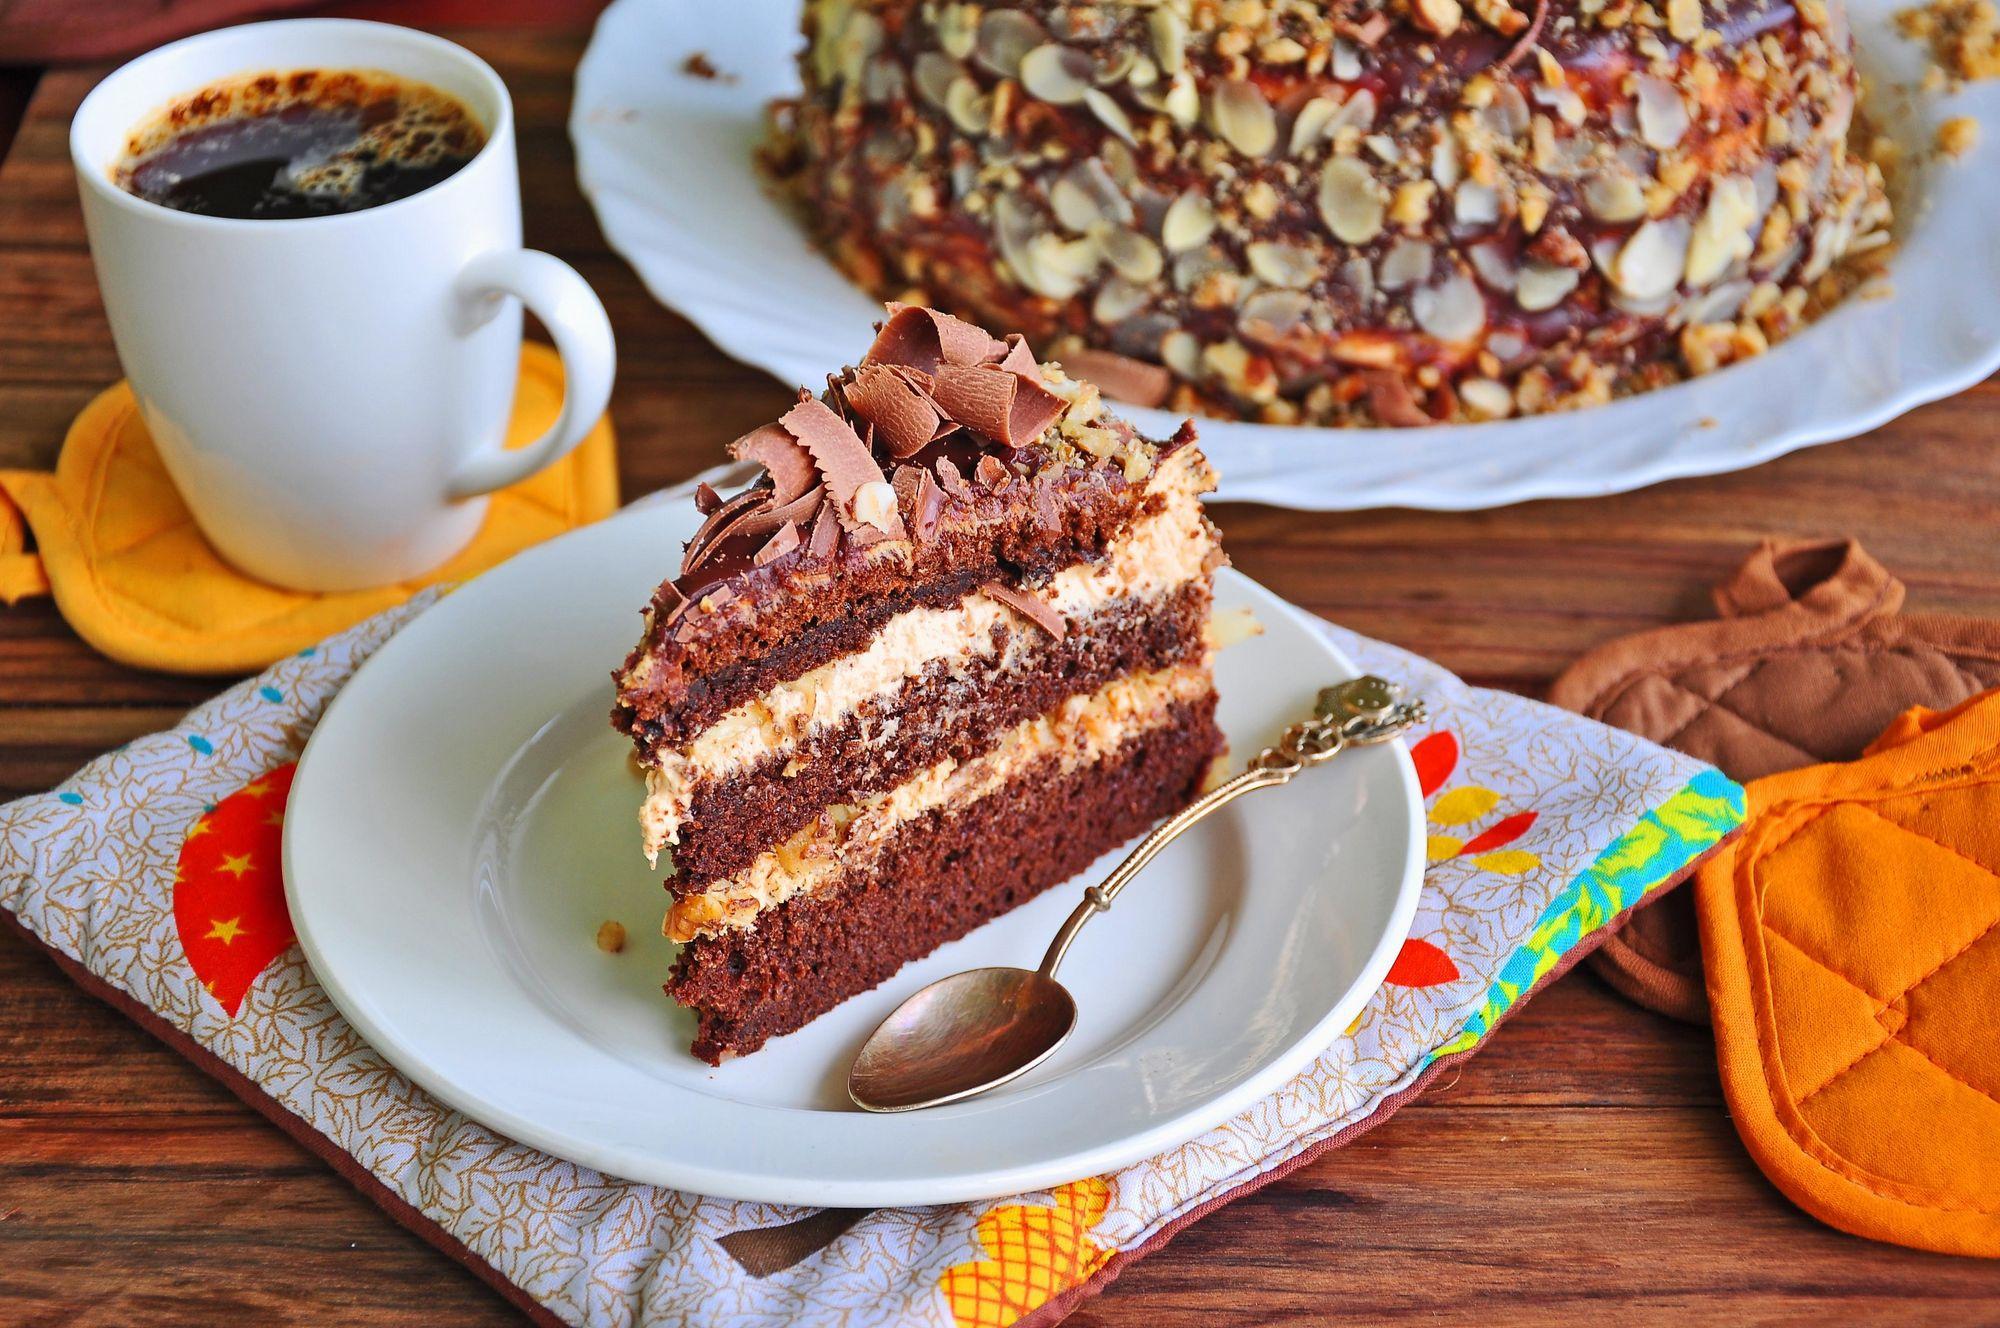 Пирожное и кофе фото